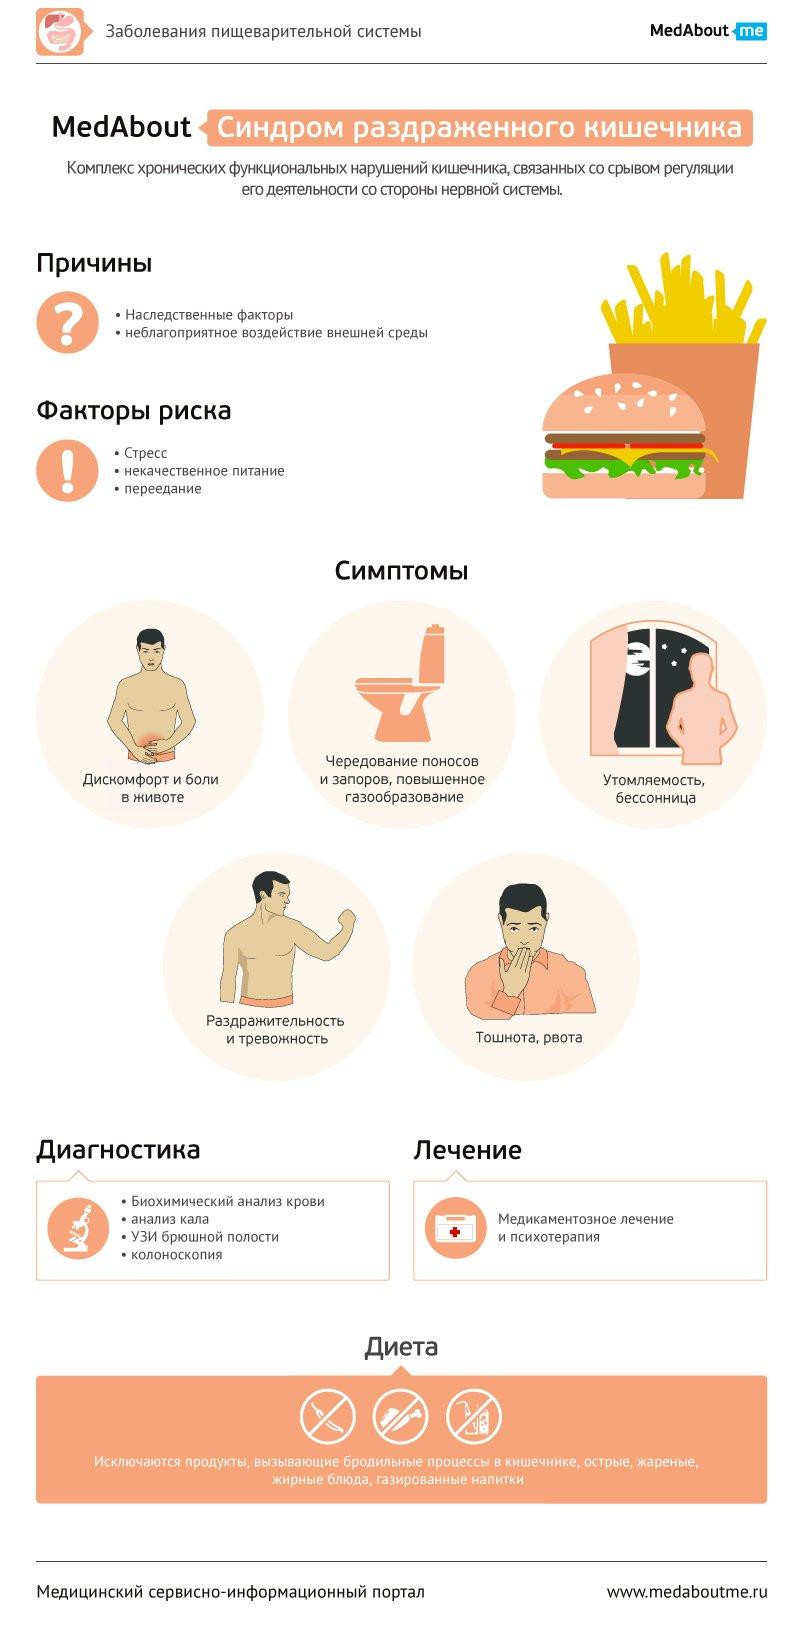 Синдром раздражённого кишечника - Инфографика